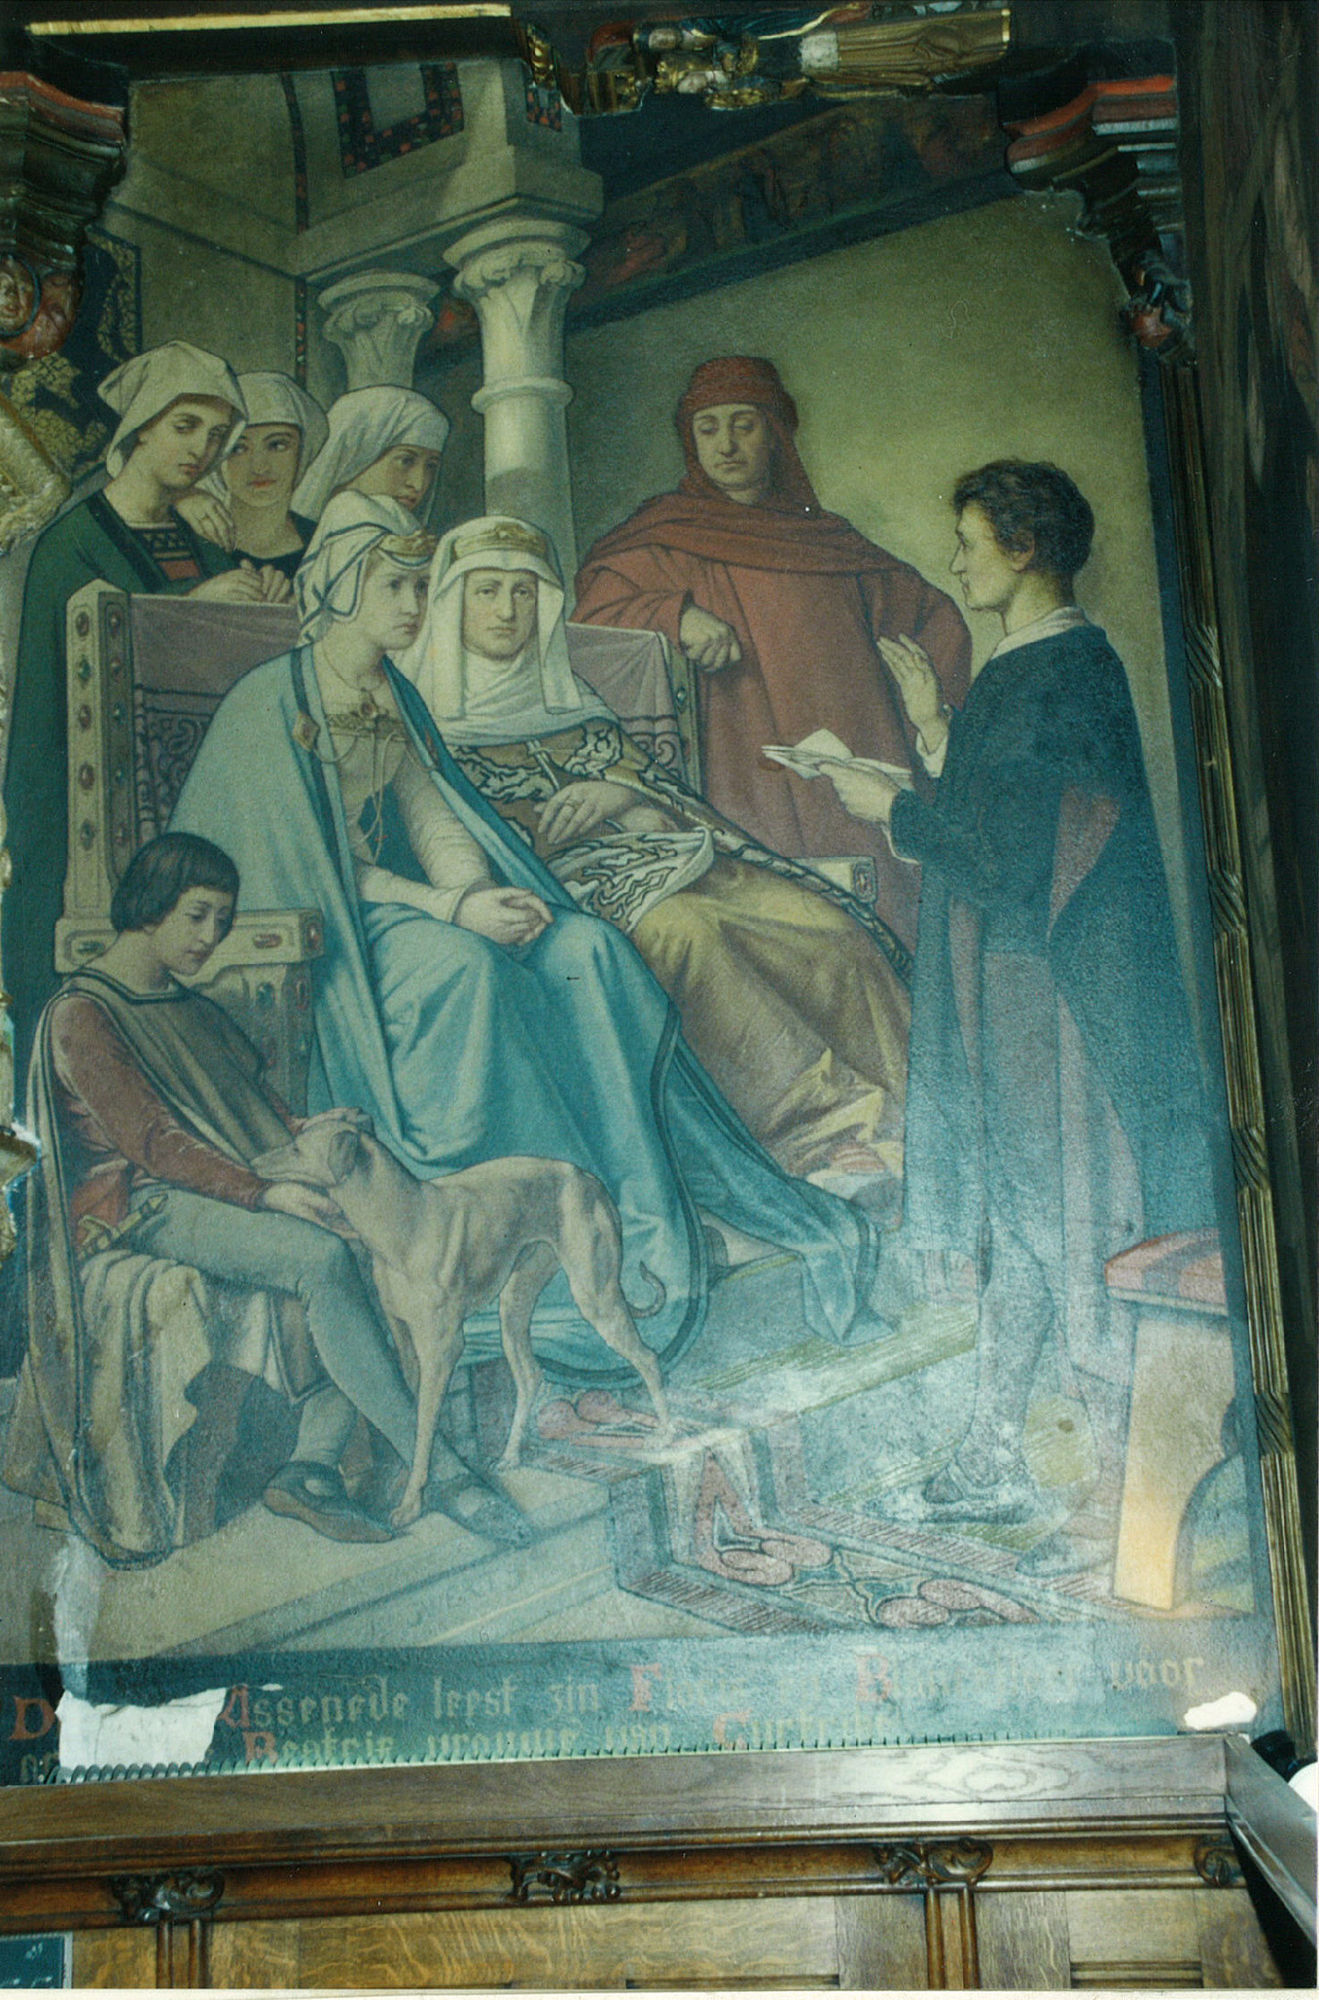 Schilderij in de schepenzaal van het Stadhuis te Kortrijk